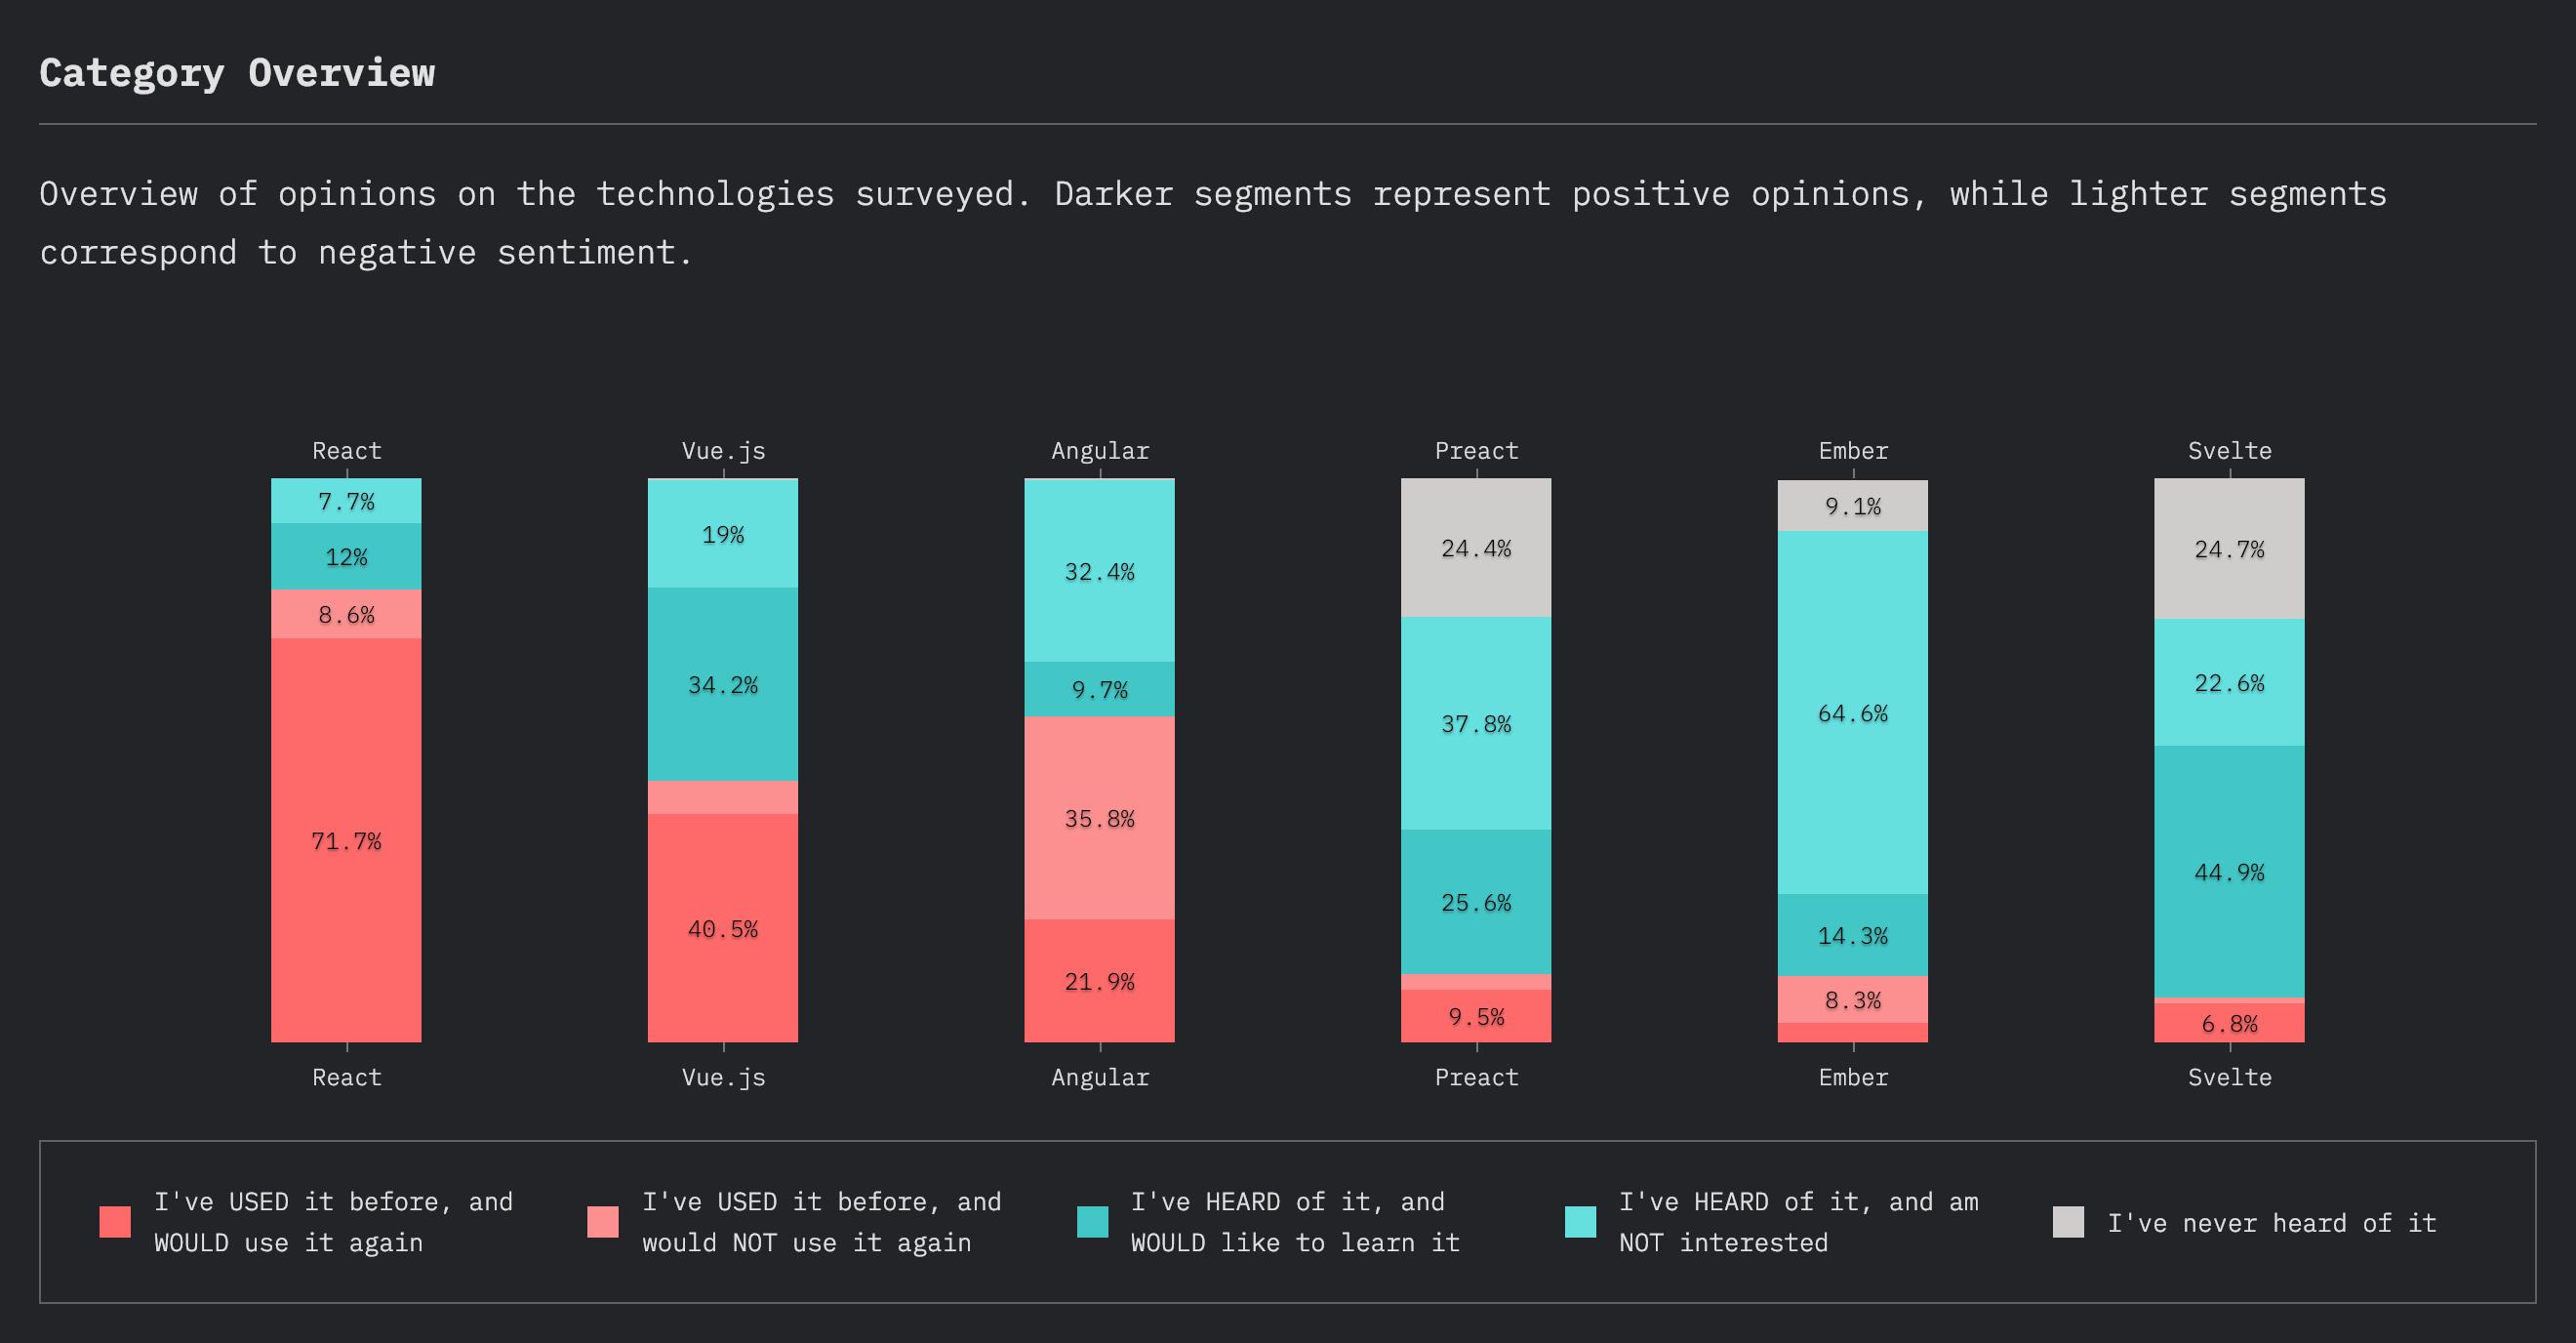 Conocimiento de Frontend en JavaScript 2019 (category overview)